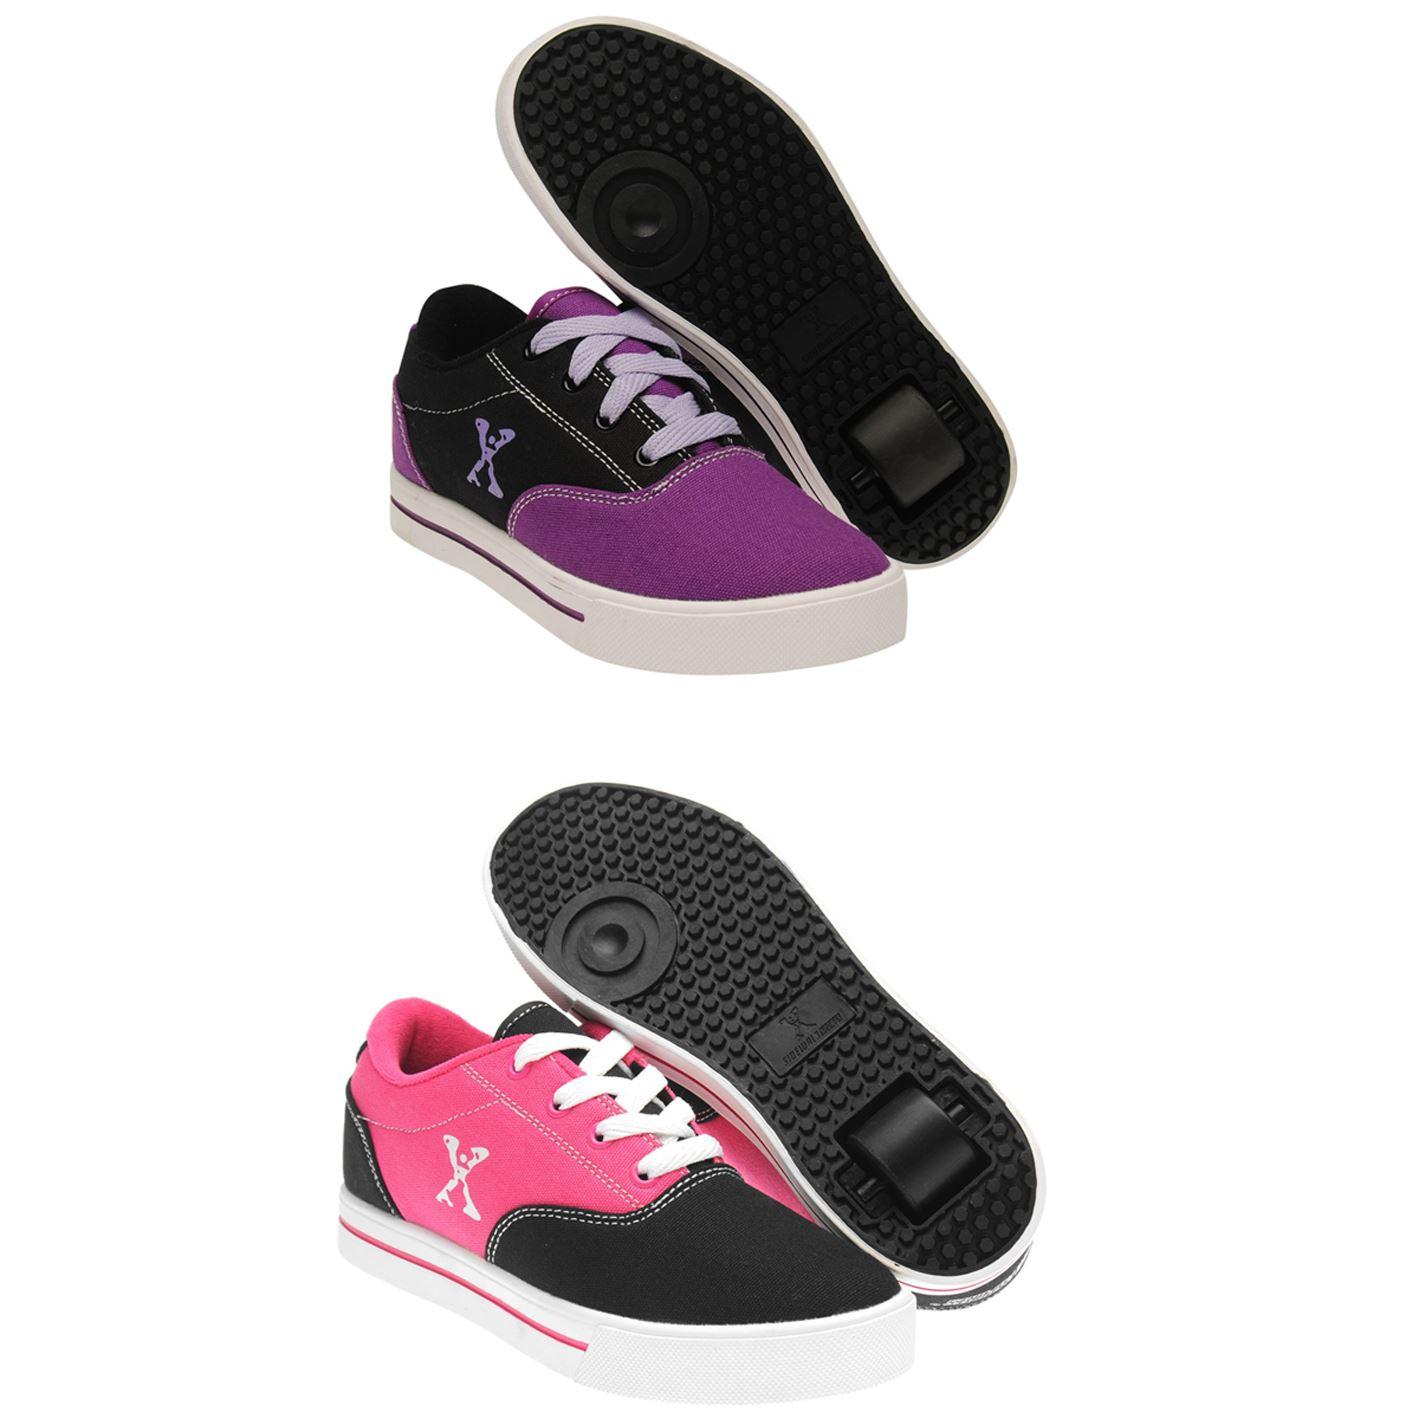 Sidewalk Sport Kids Girls Canvs Roller Shoes